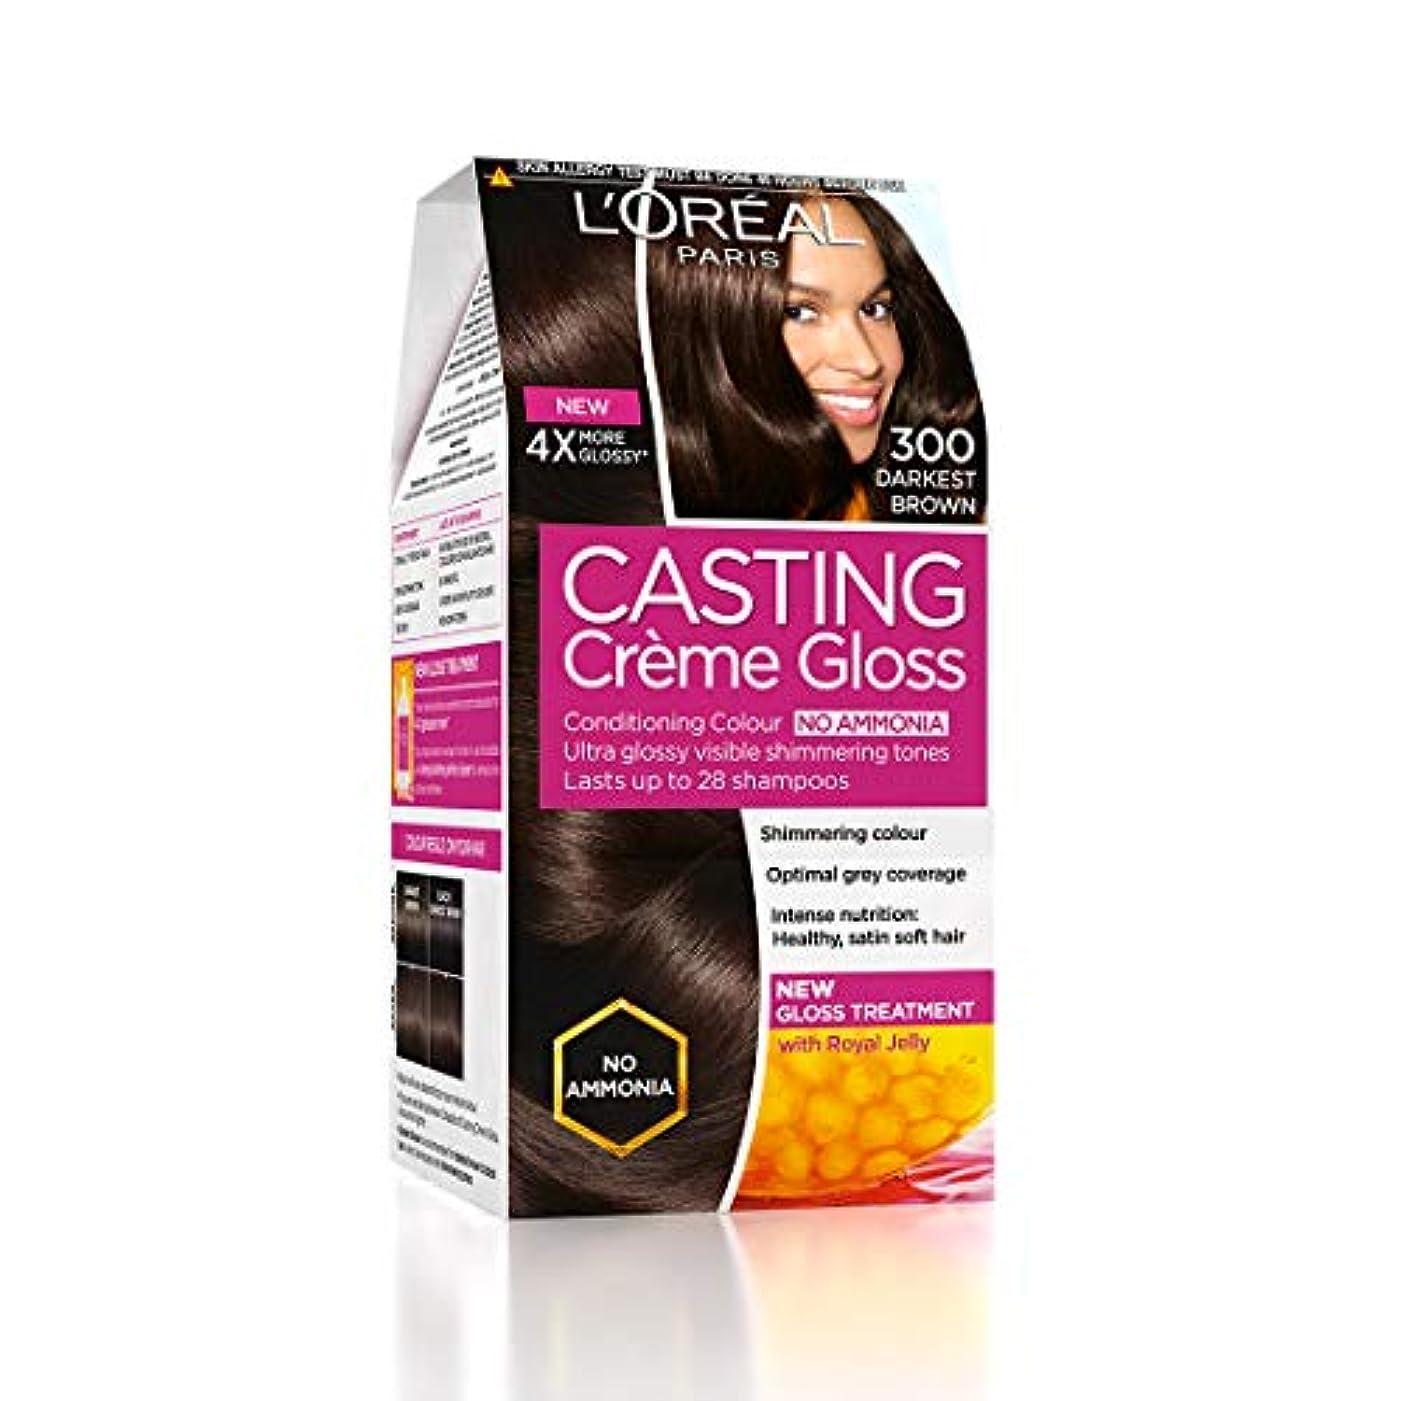 怖い国民投票ウィスキーL'Oreal Paris Casting Creme Gloss Hair Color, Darkest Brown 300, 87.5g+72ml